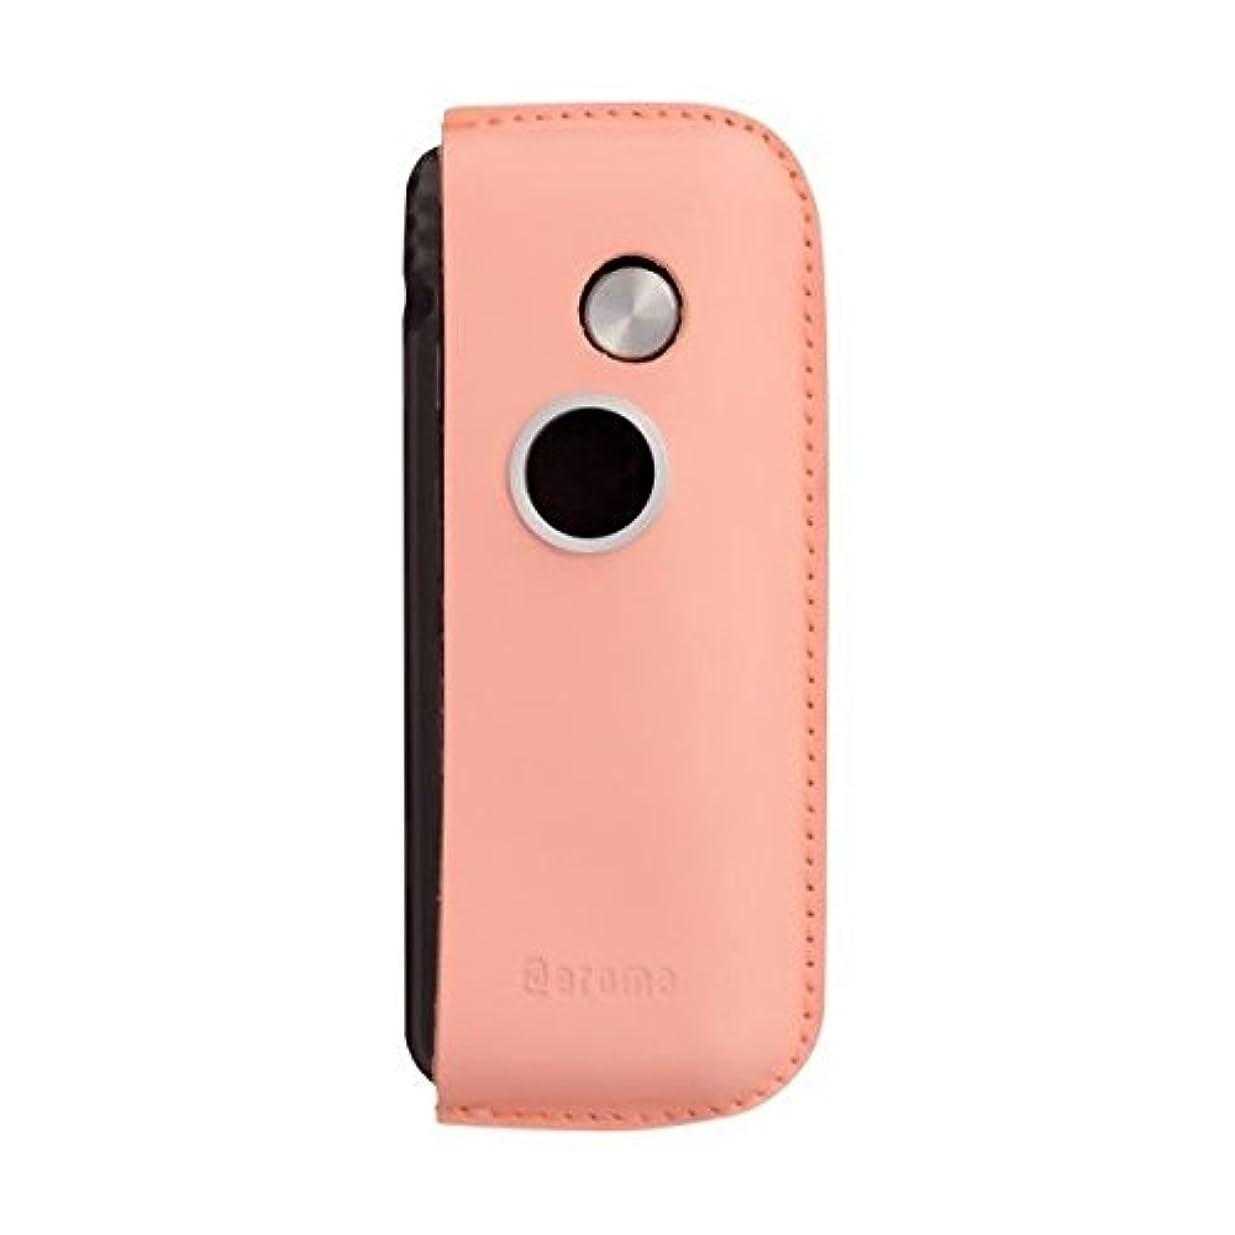 インタネットを見る試みお手伝いさんファンファン(ピンク)&人気のアロマset【モバイルディフューザー funfan+AromaOil】mobile diffuser (フレッシュハーブ)